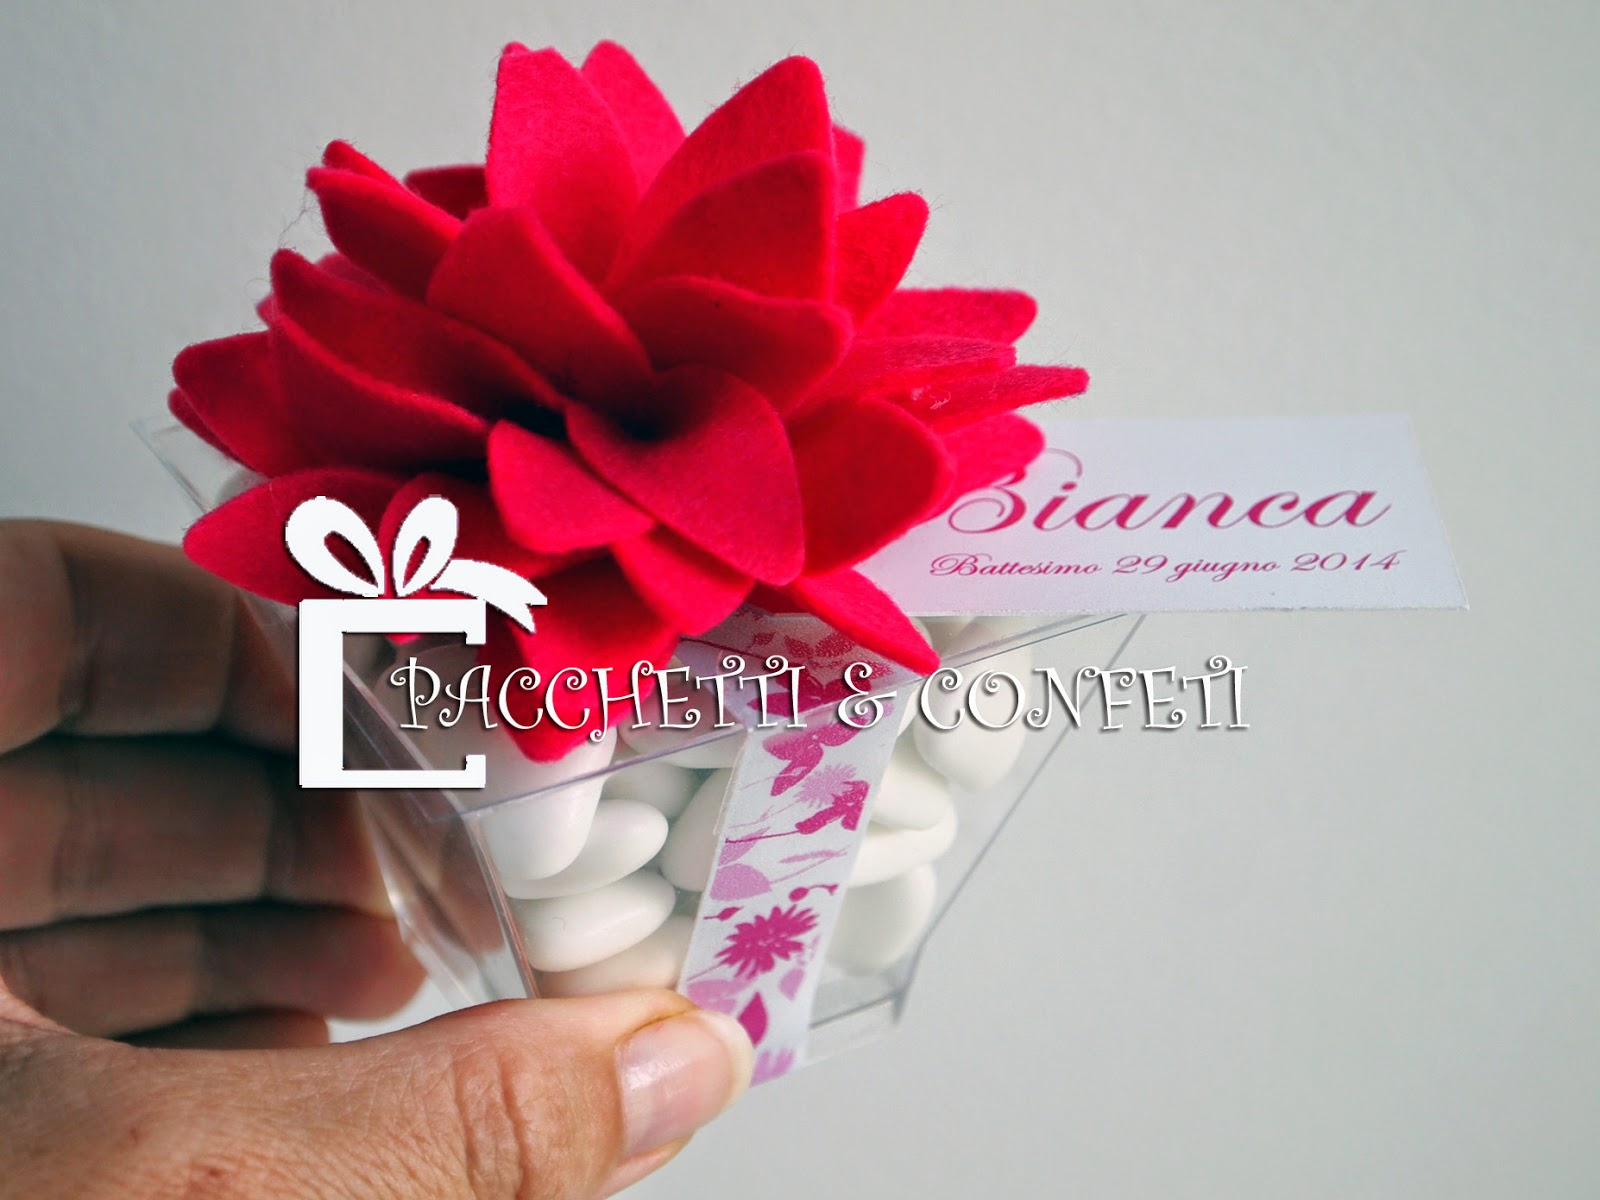 Famoso Pacchetti e Confetti: Baby Shop KW41